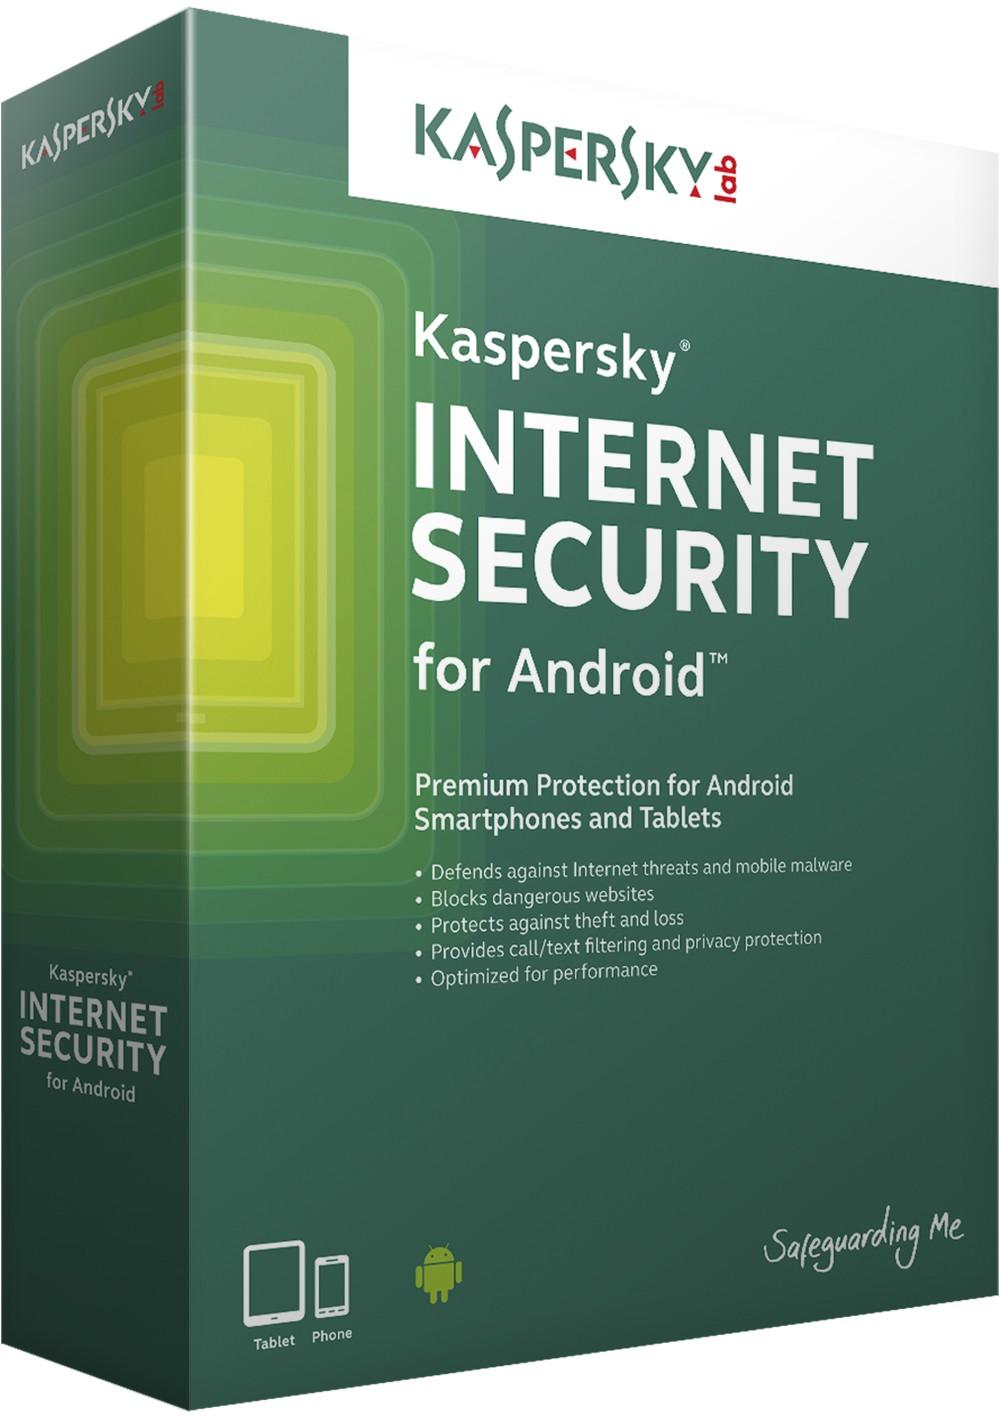 Kaspersky Internet Security for Android CZ, 2x mobil nebo tablet, 24 měsíců - (ESD)